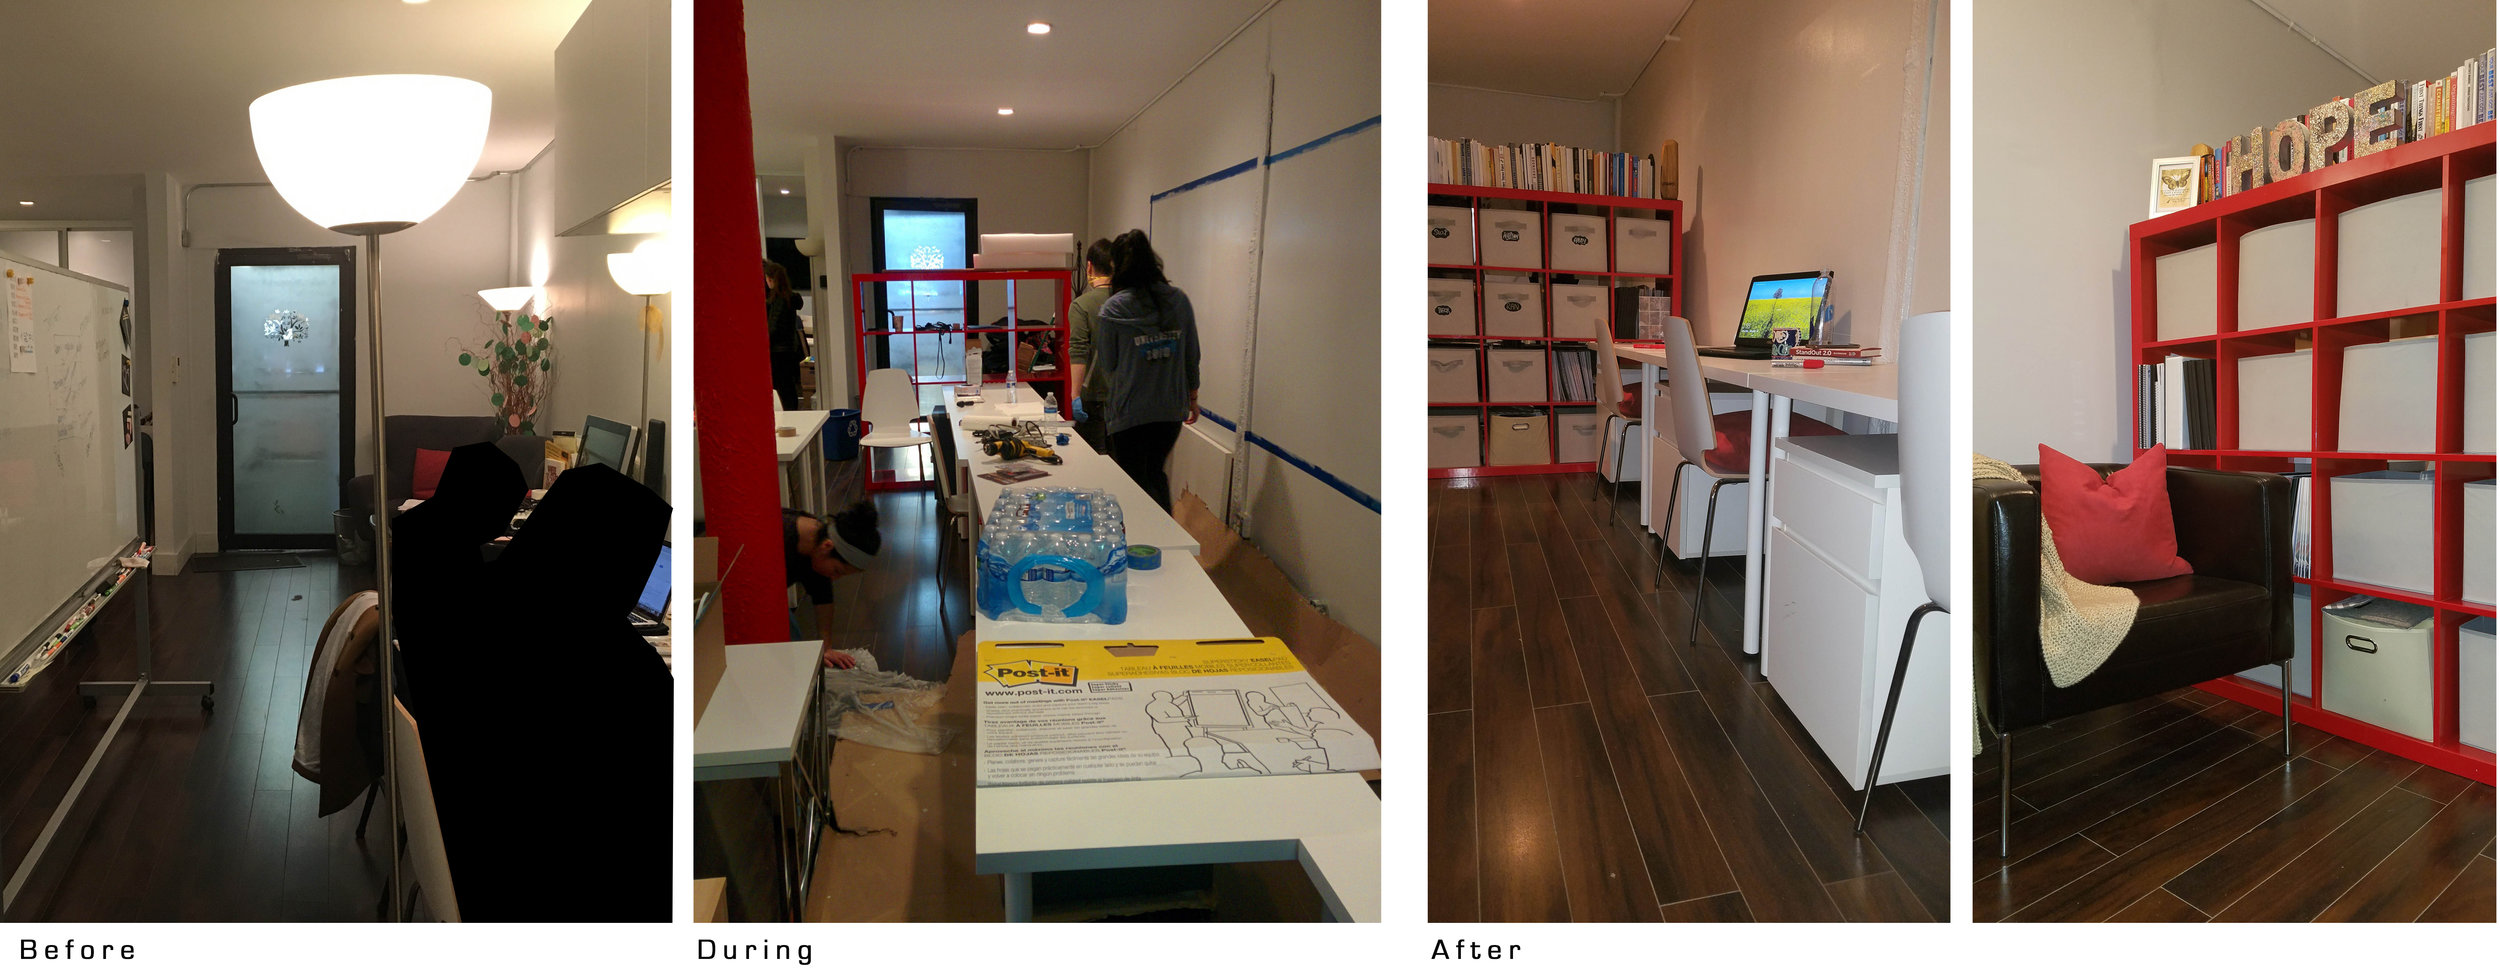 La salle d'attente et l'espace de travail sont maintenant clairement divisés et un tableau blanc a été peint au-dessus de l'espace de travail pour pouvoir prendre des notes.